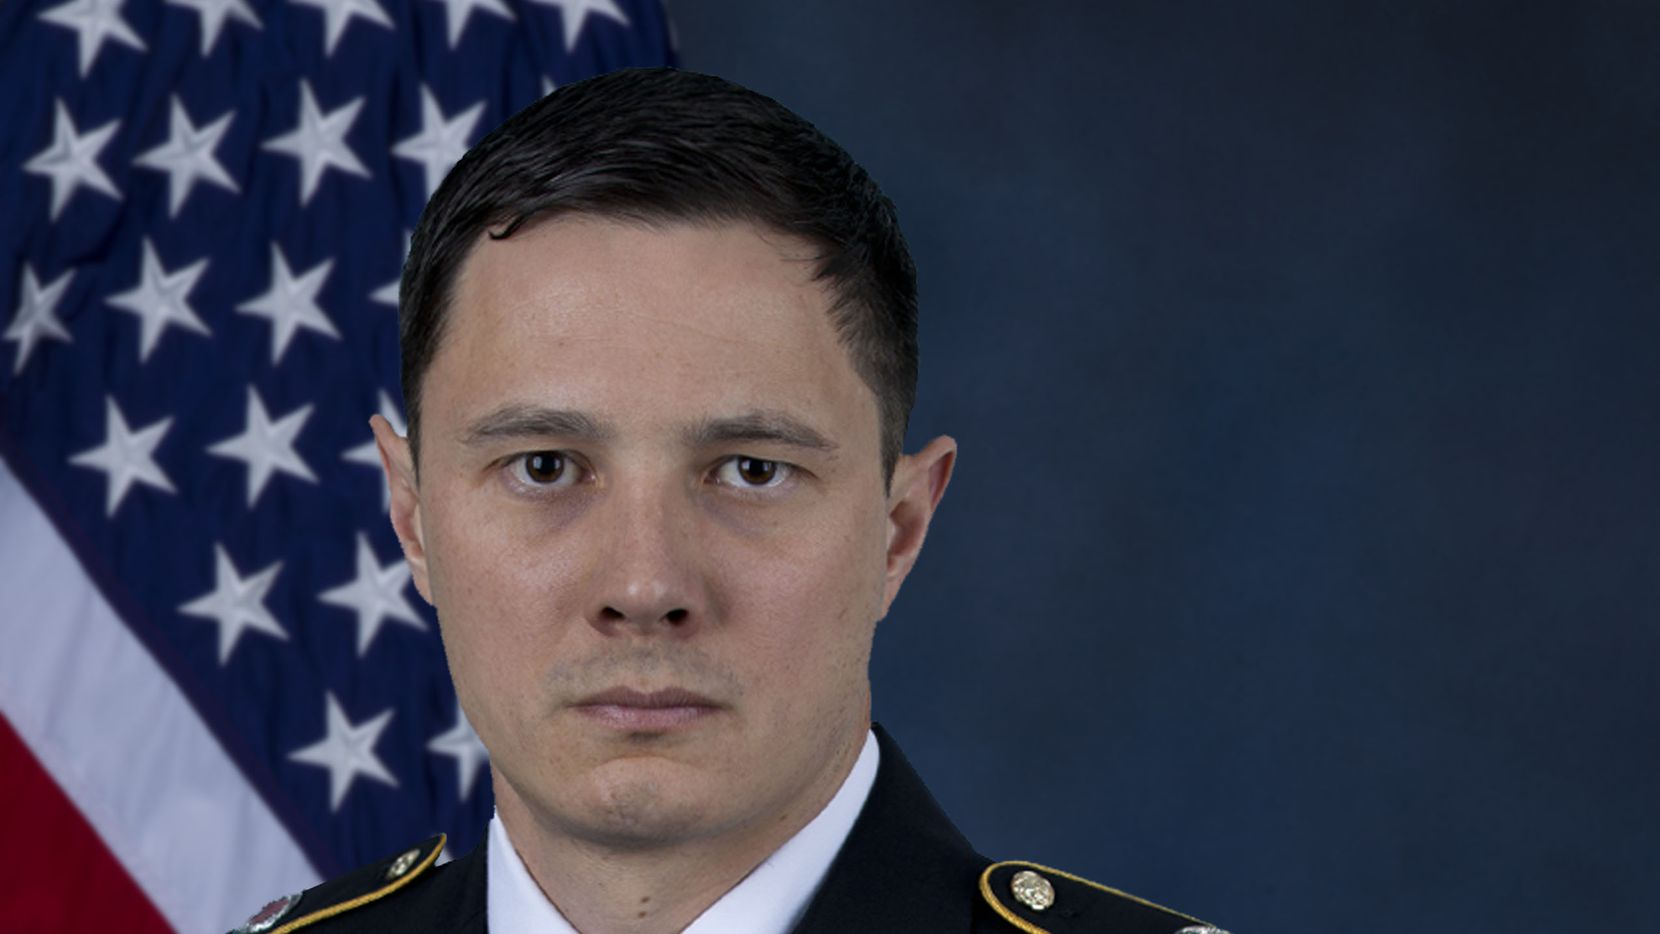 Master Sgt. Johnathan Dunbar